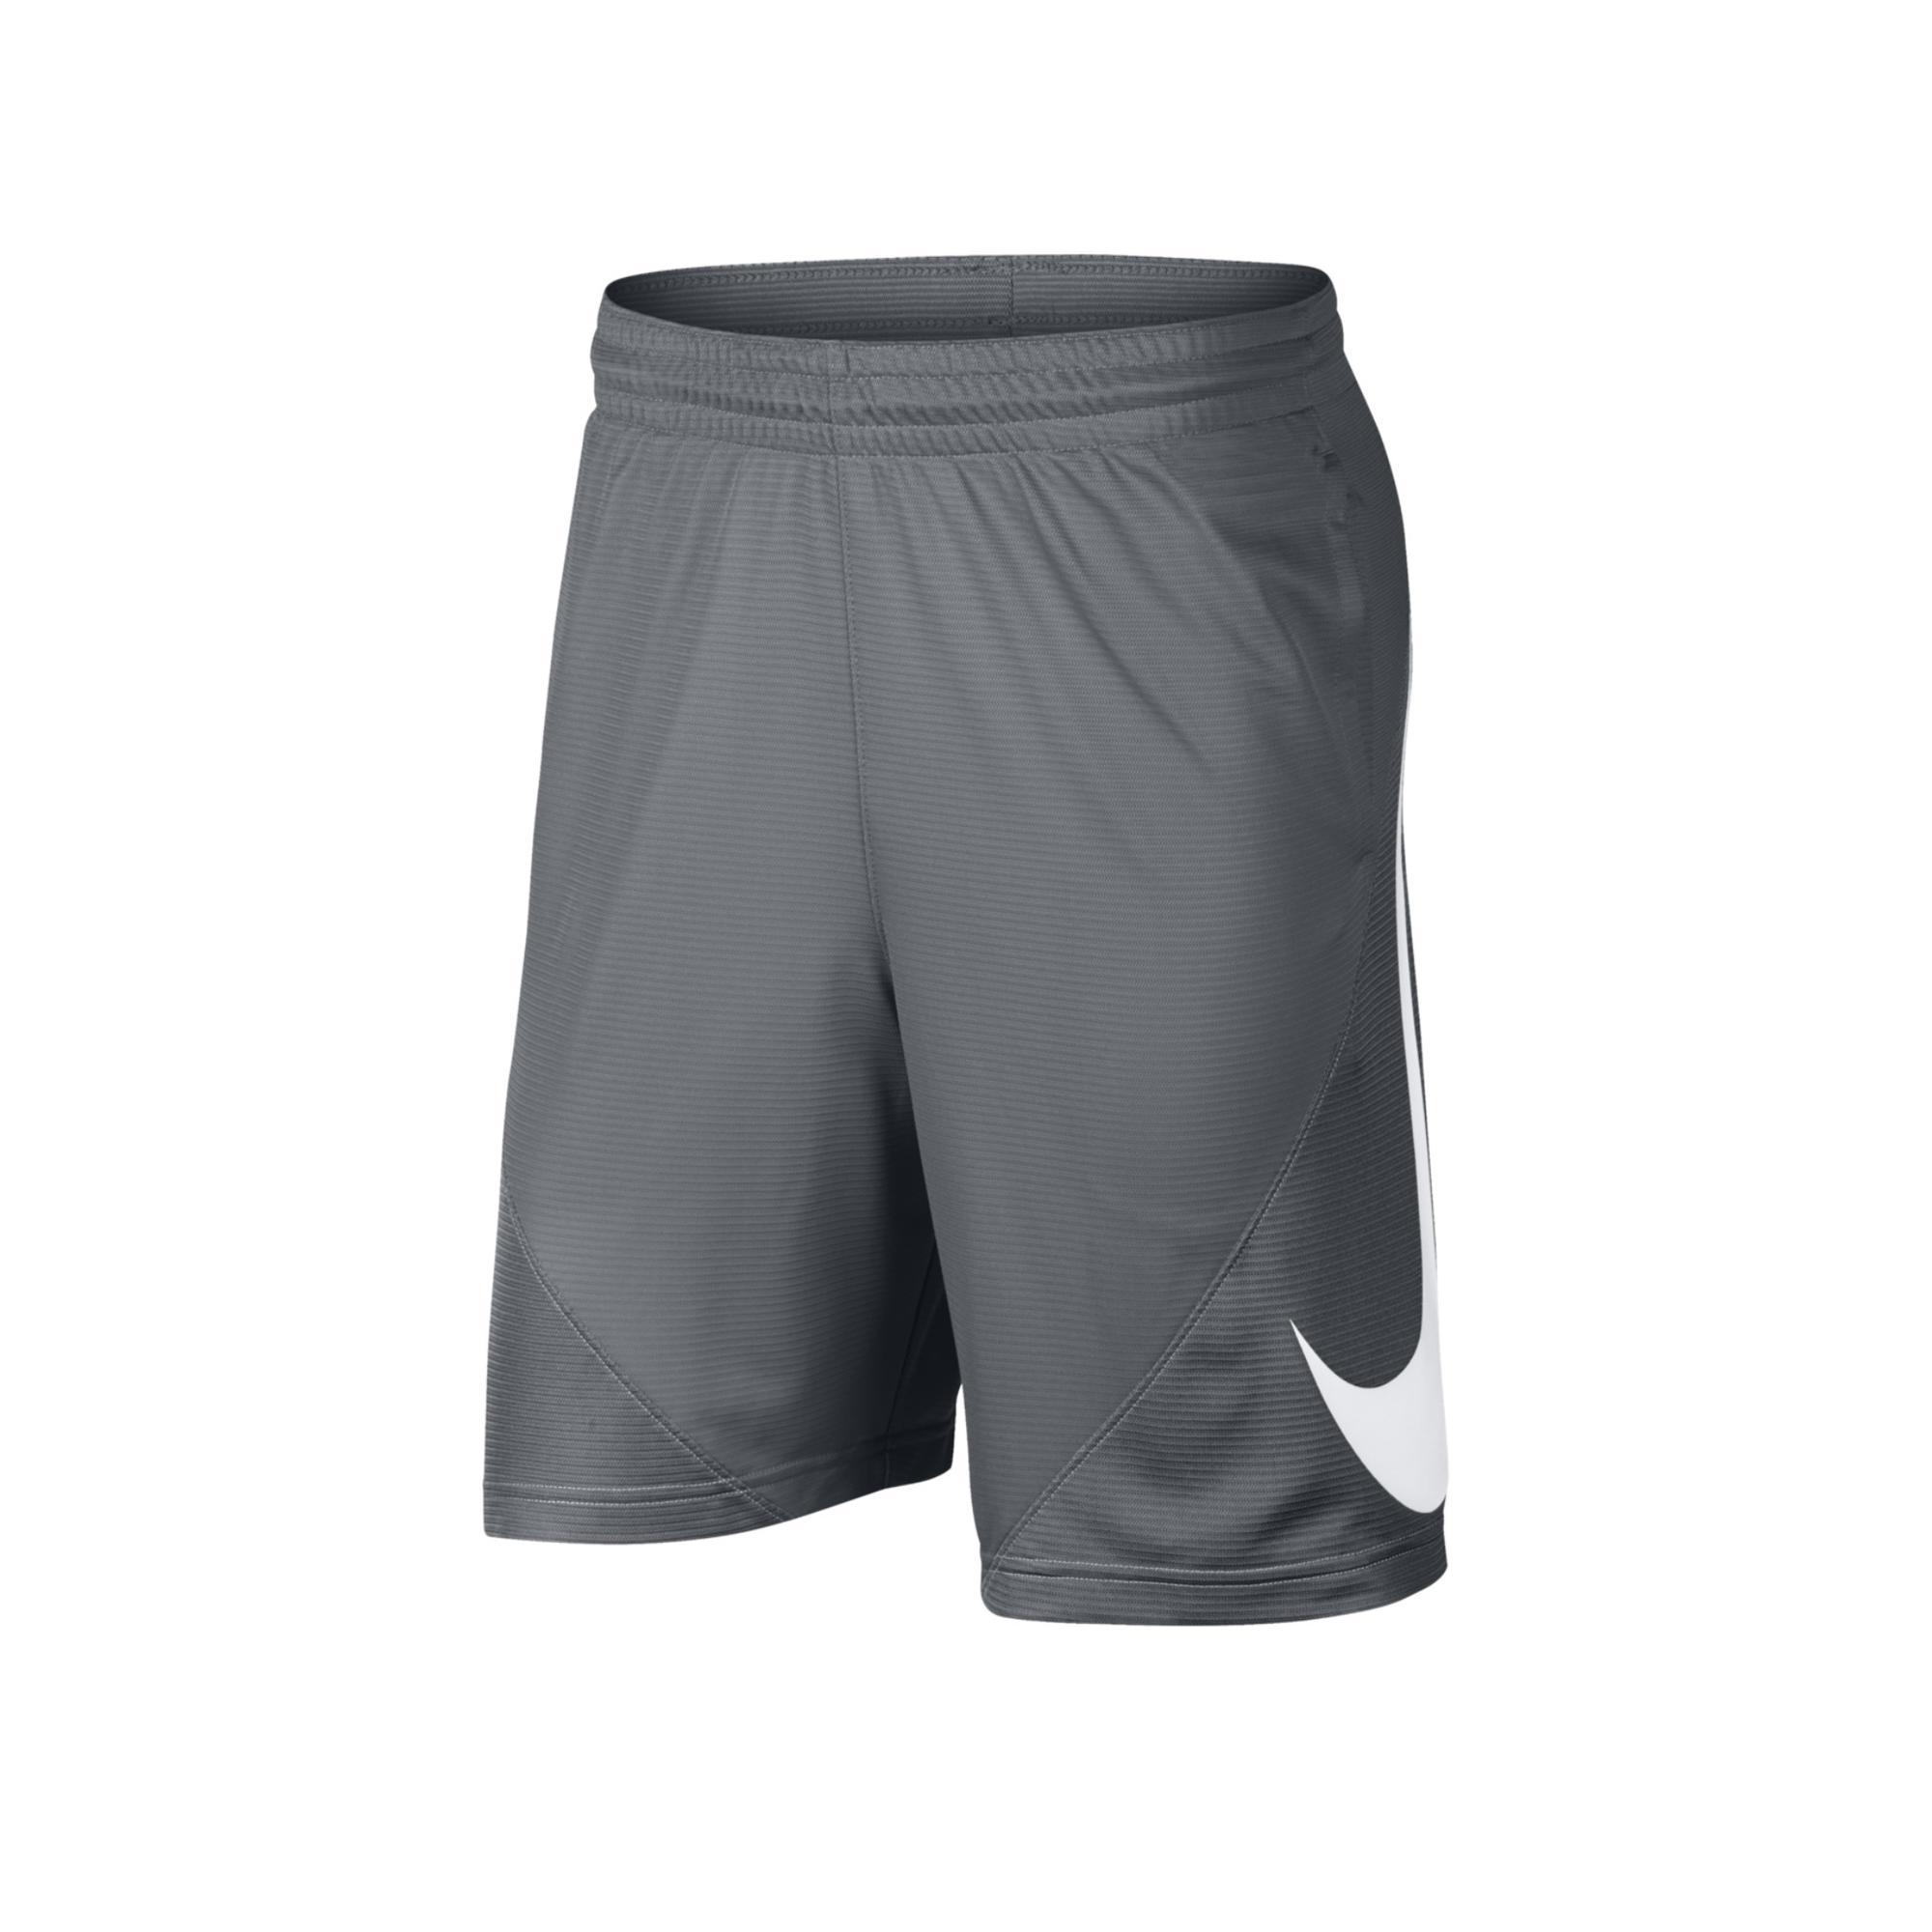 Basketballshorts Fortgeschrittene/Profis grau   Sportbekleidung > Sporthosen > Basketballshorts   Nike